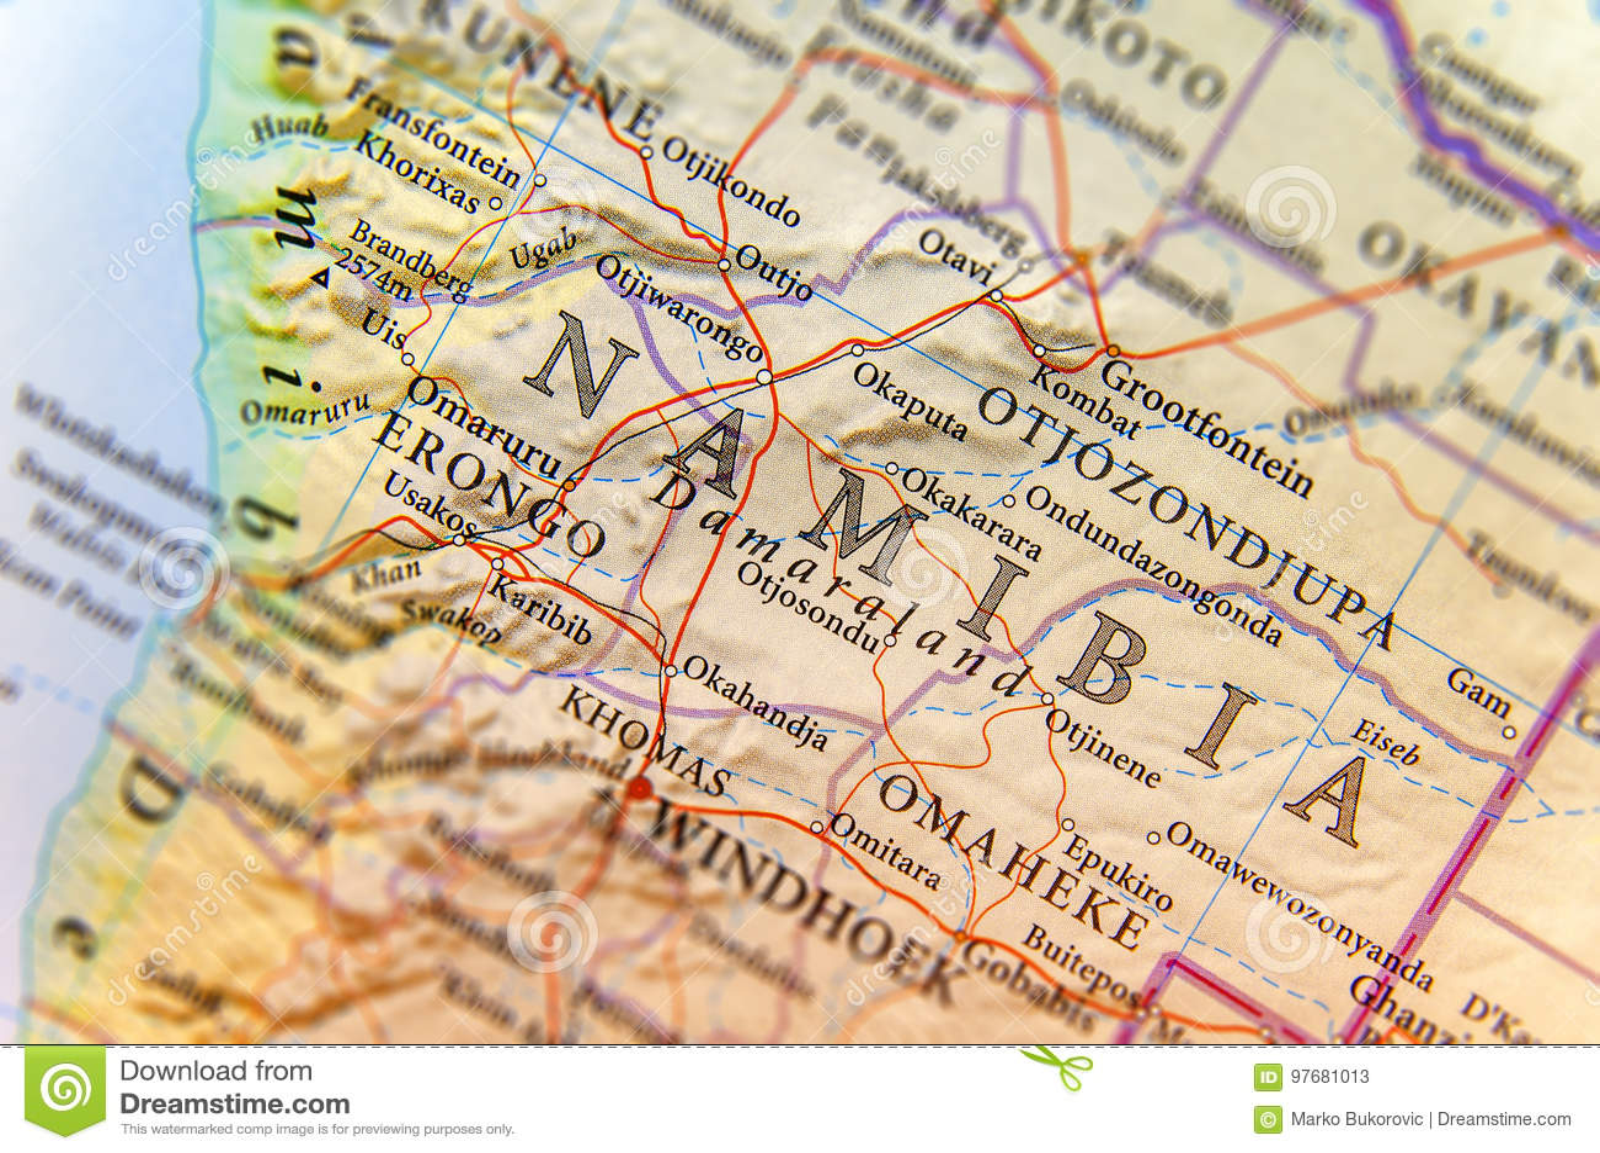 Karte Namibia Download.Geographische Karte Von Namibia Mit Wichtigen Städten Stockbild